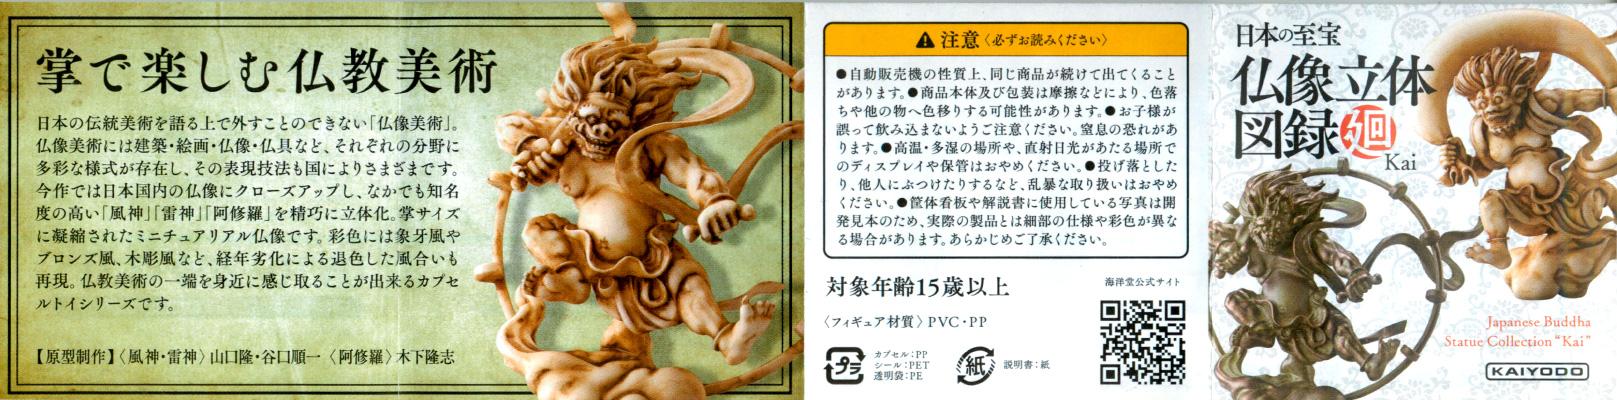 カプセルQミュージアム 日本の至宝 仏像立体図録 廻(kai) [海洋堂]